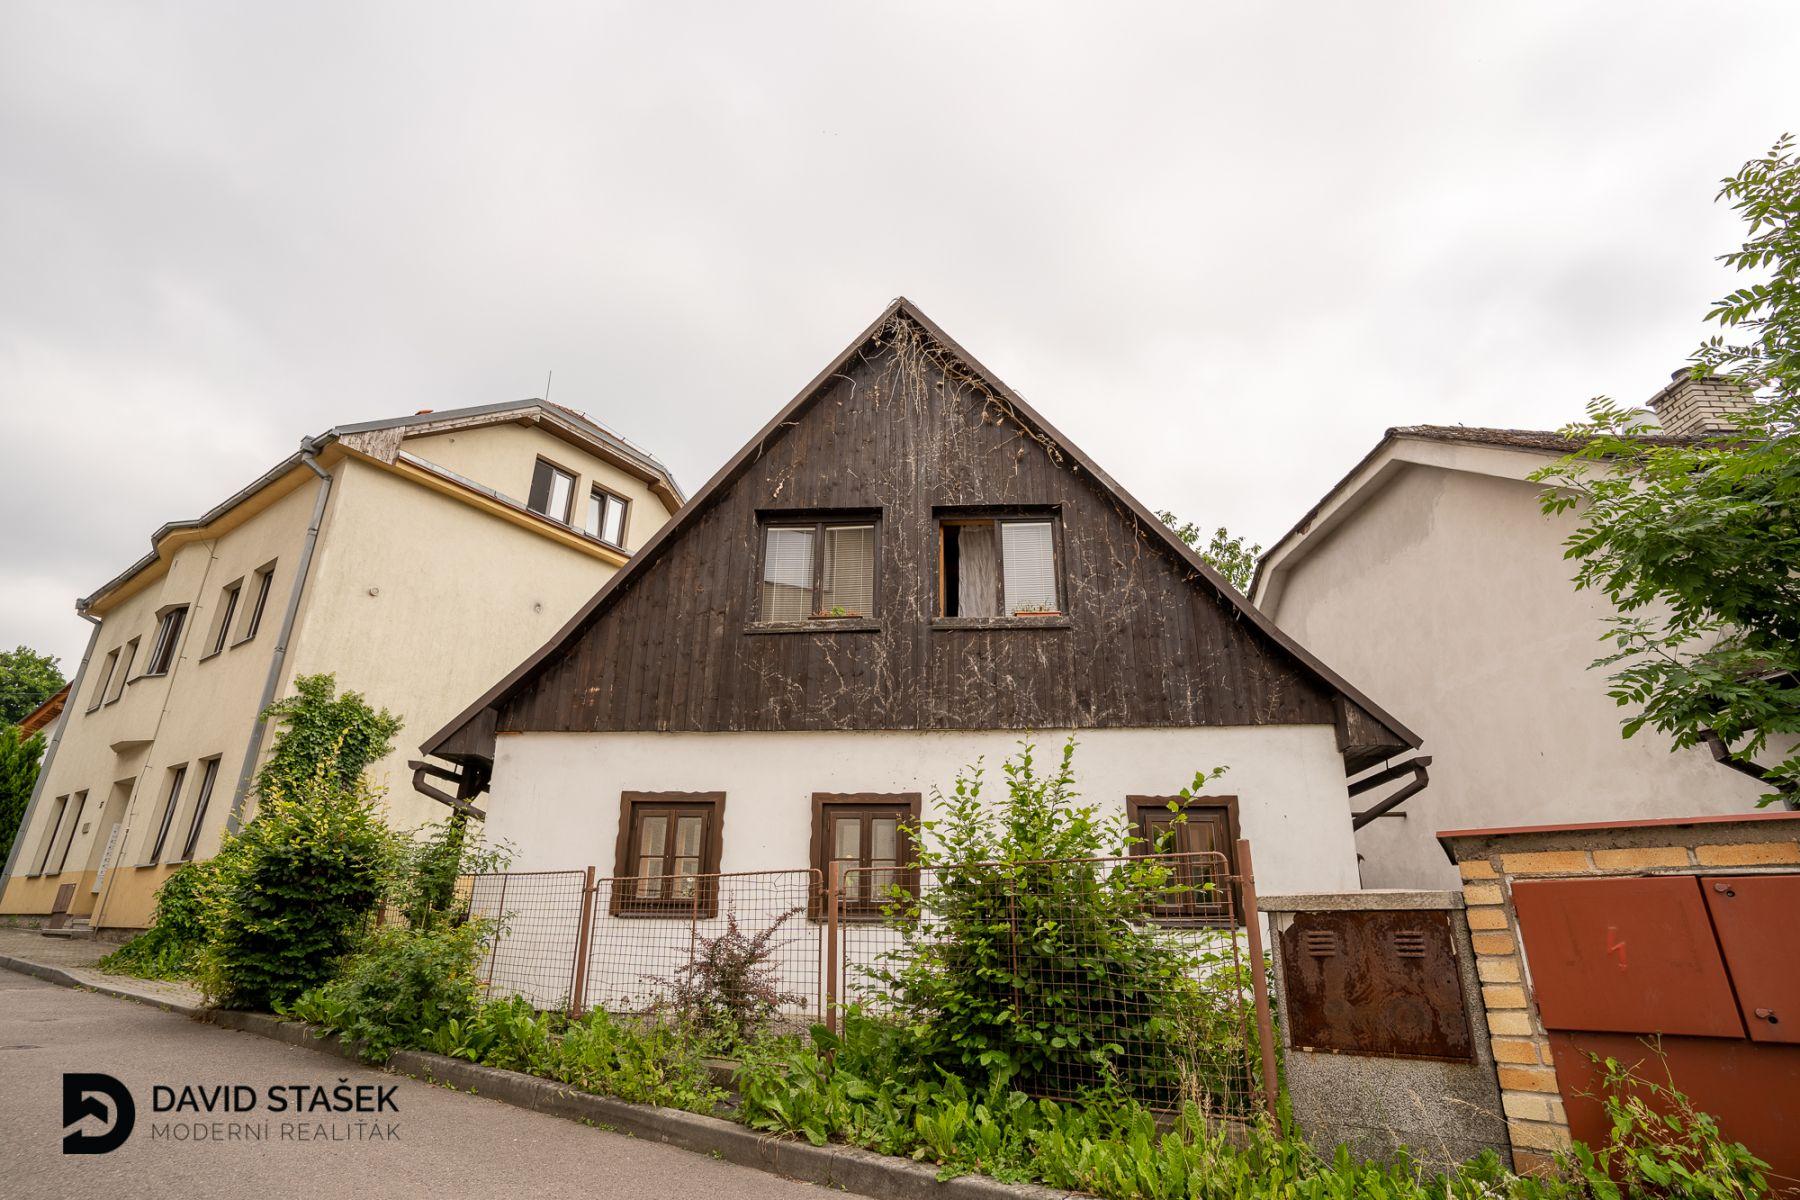 Prodej rodinného domu v Jablonném nad Orlicí